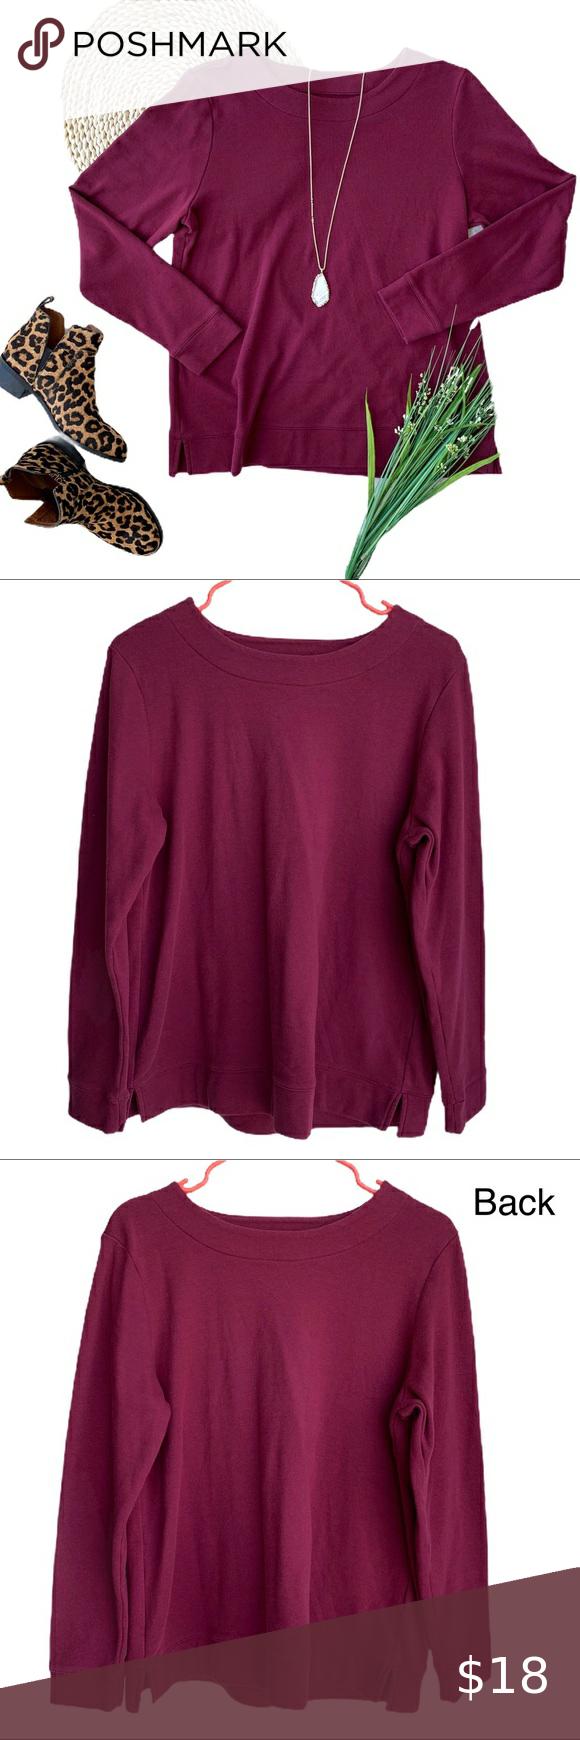 Croft Barrow Super Soft Crewneck Sweatshirt Crew Neck Sweatshirt Clothes Design Sweatshirts Women [ 1740 x 580 Pixel ]